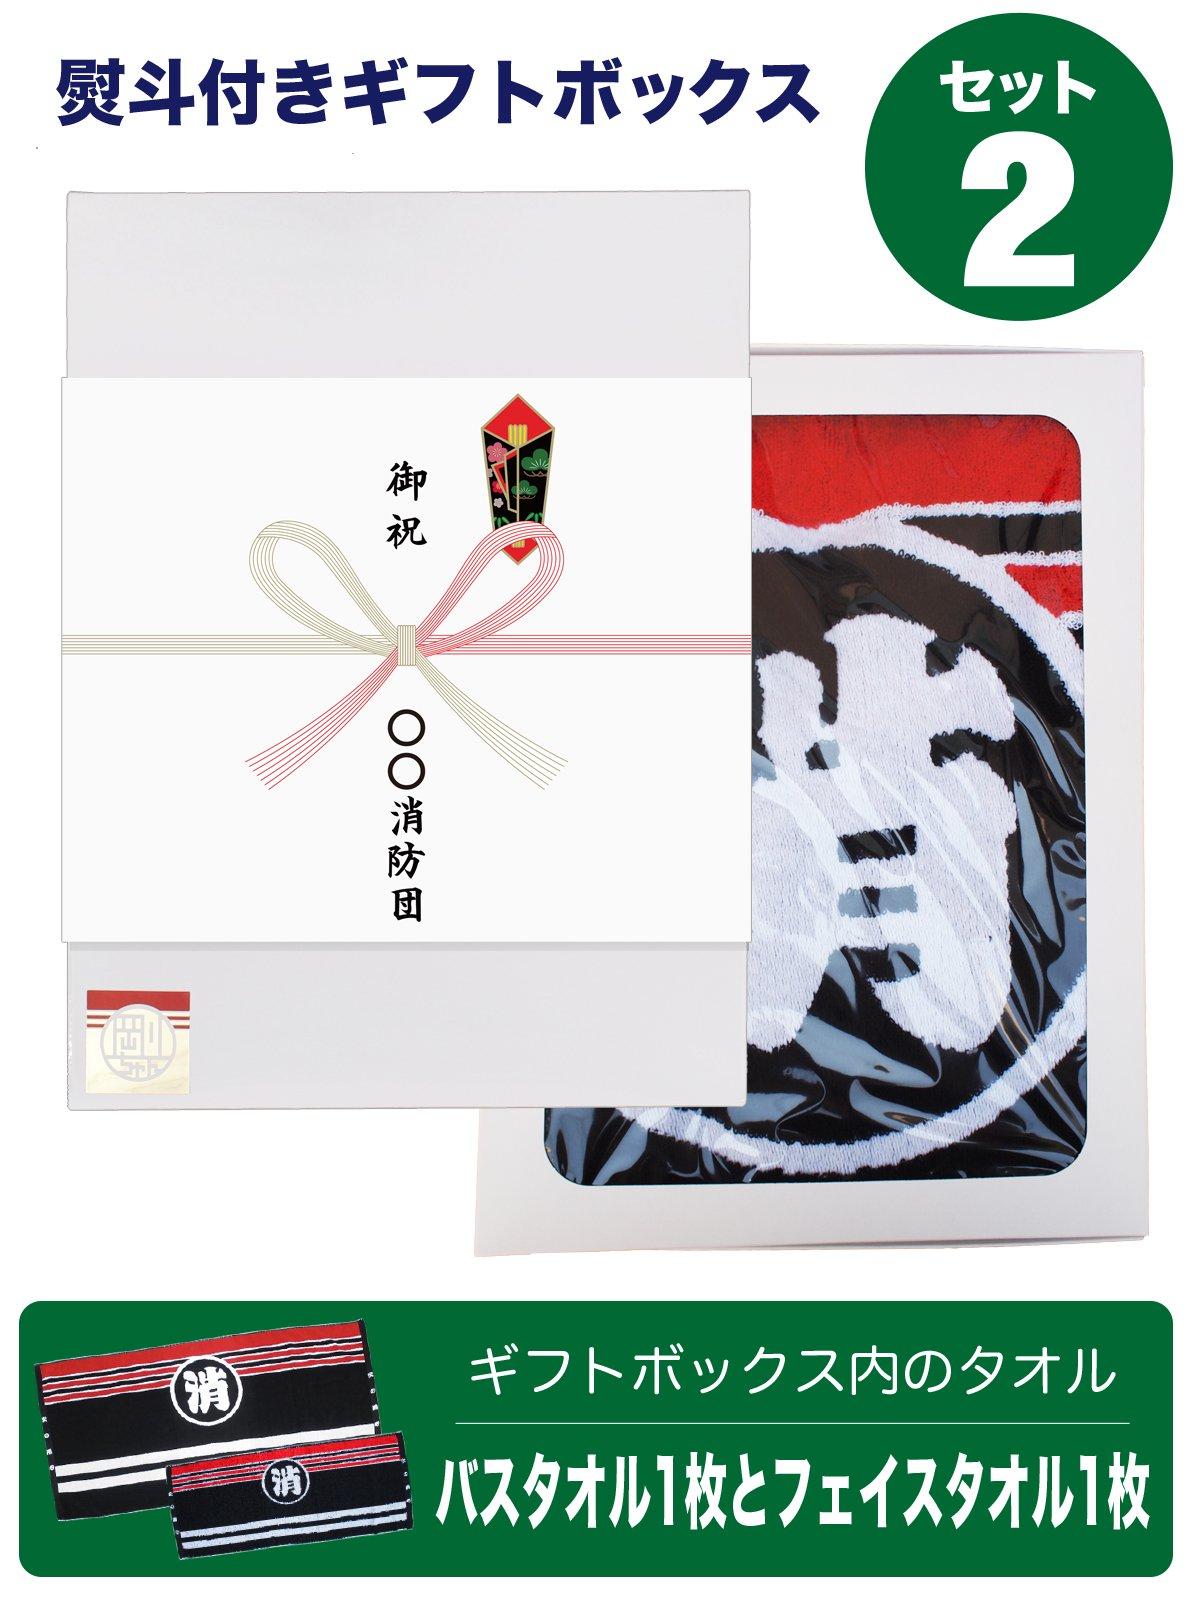 消防団法被デザインタオル用熨斗・ギフトボックス【単品購入不可】【画像5】